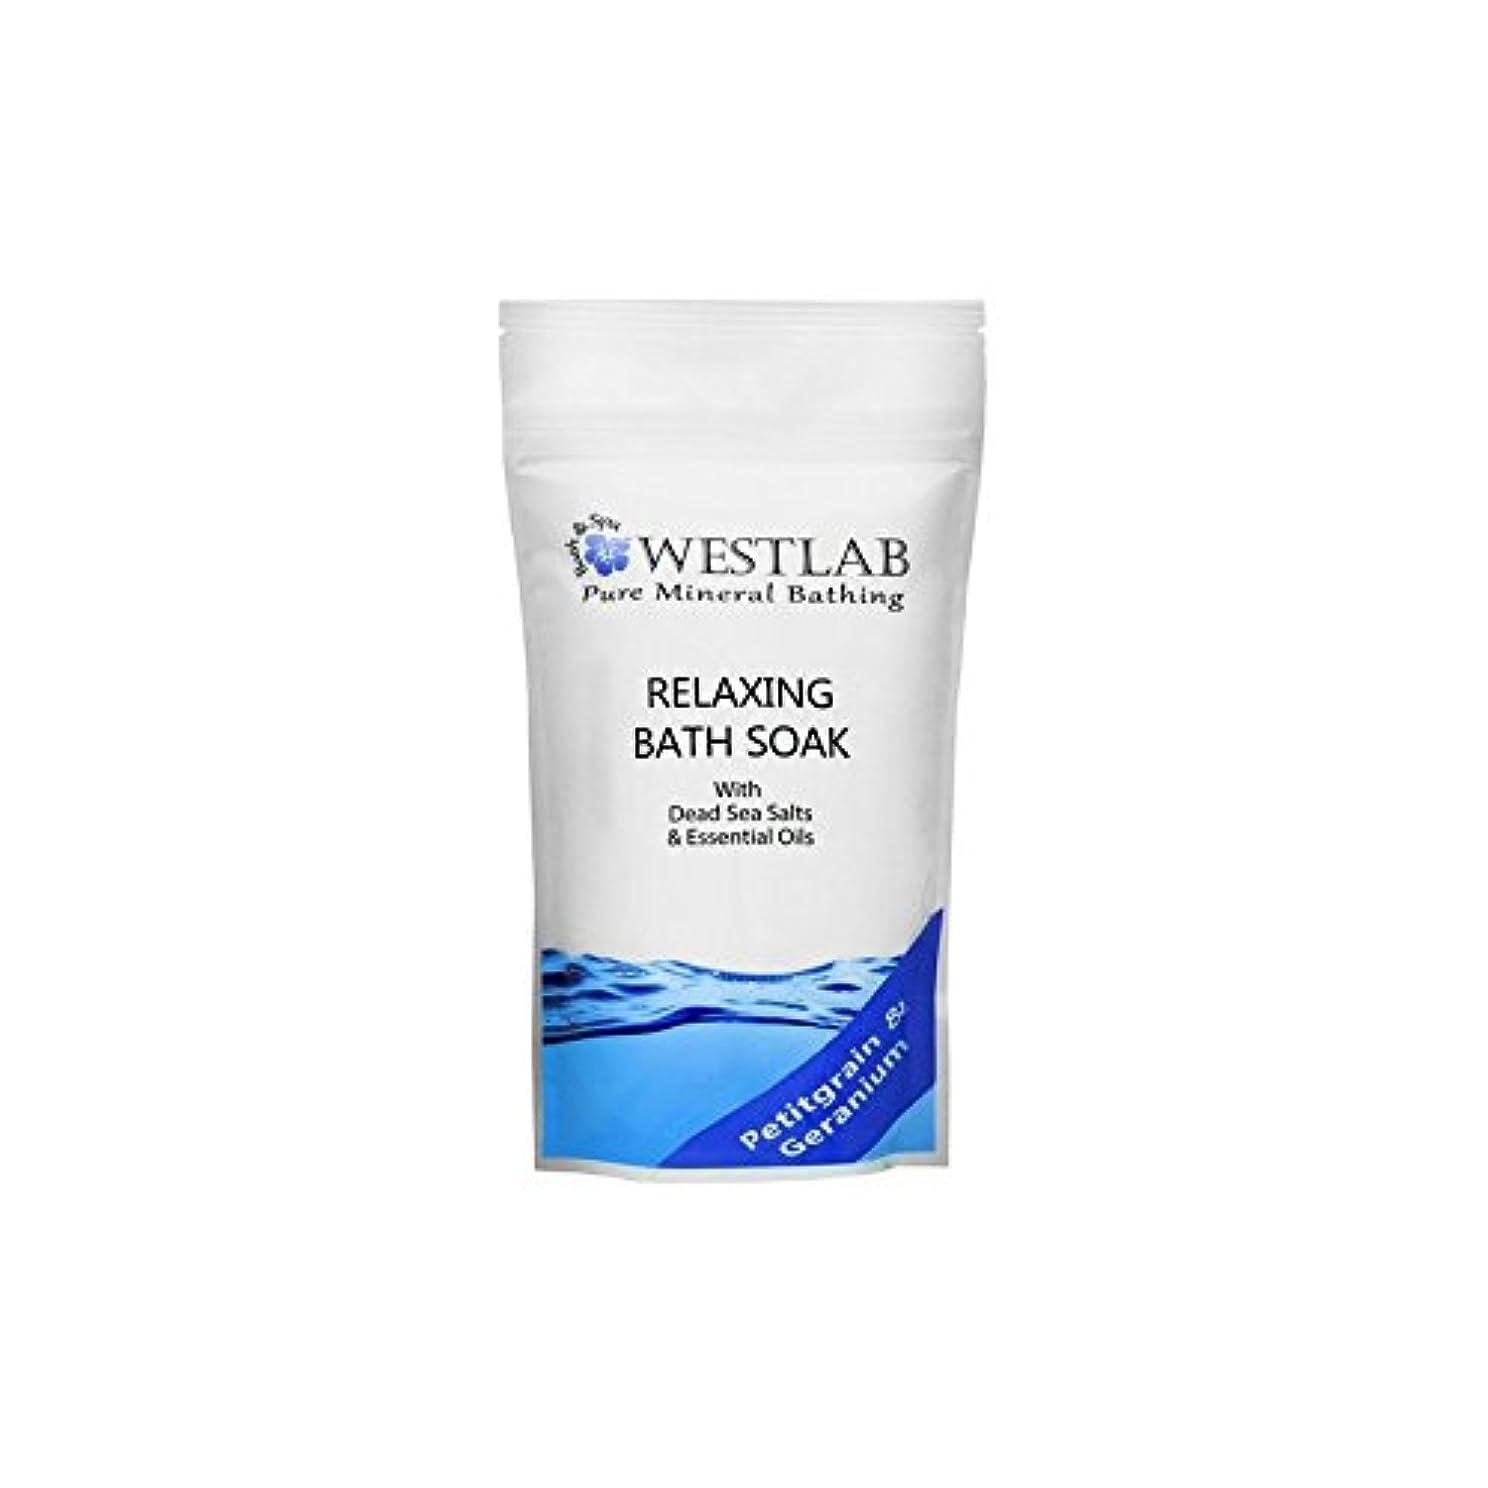 抽象化スリラーなめらかWestlab Relax Dead Sea Salt Bath Soak (500g) - 死海の塩浴浸漬(500グラム)をリラックス [並行輸入品]